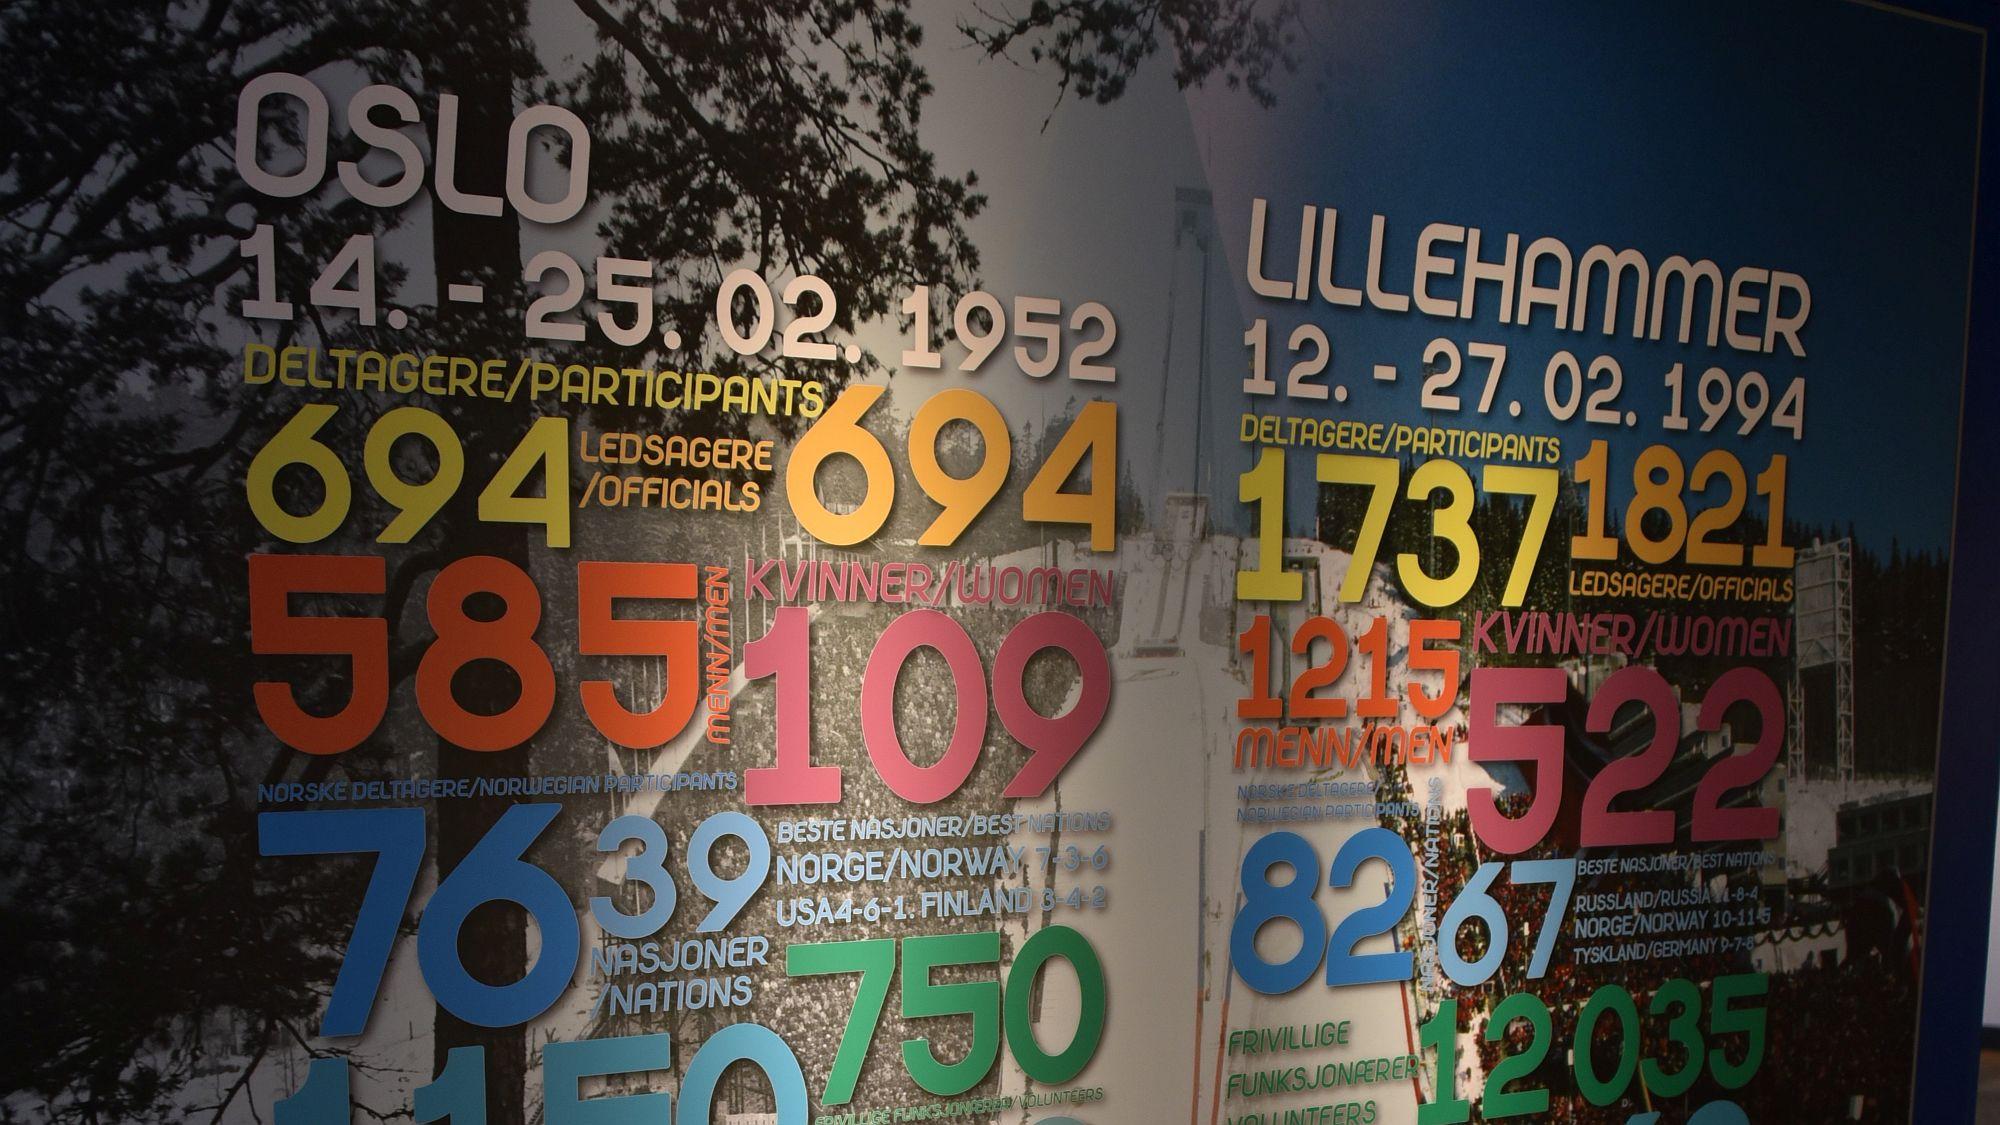 Winter OL Daten Oslo-Lillehammer